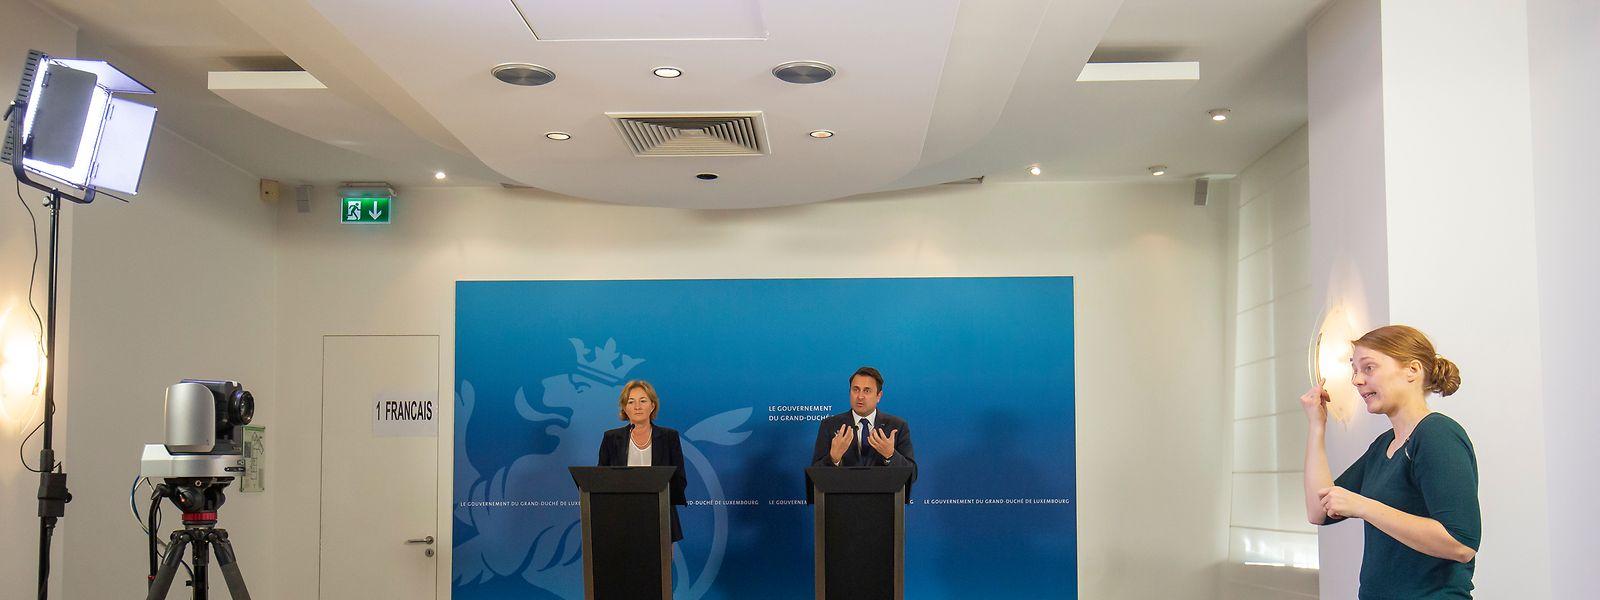 Der Luxemburger Presserat fordert einen Exit aus der defensiven Informationspolitik und möchte, dass Pressekonferenzen wieder in Anwesenheit von Journalisten abgehalten werden.